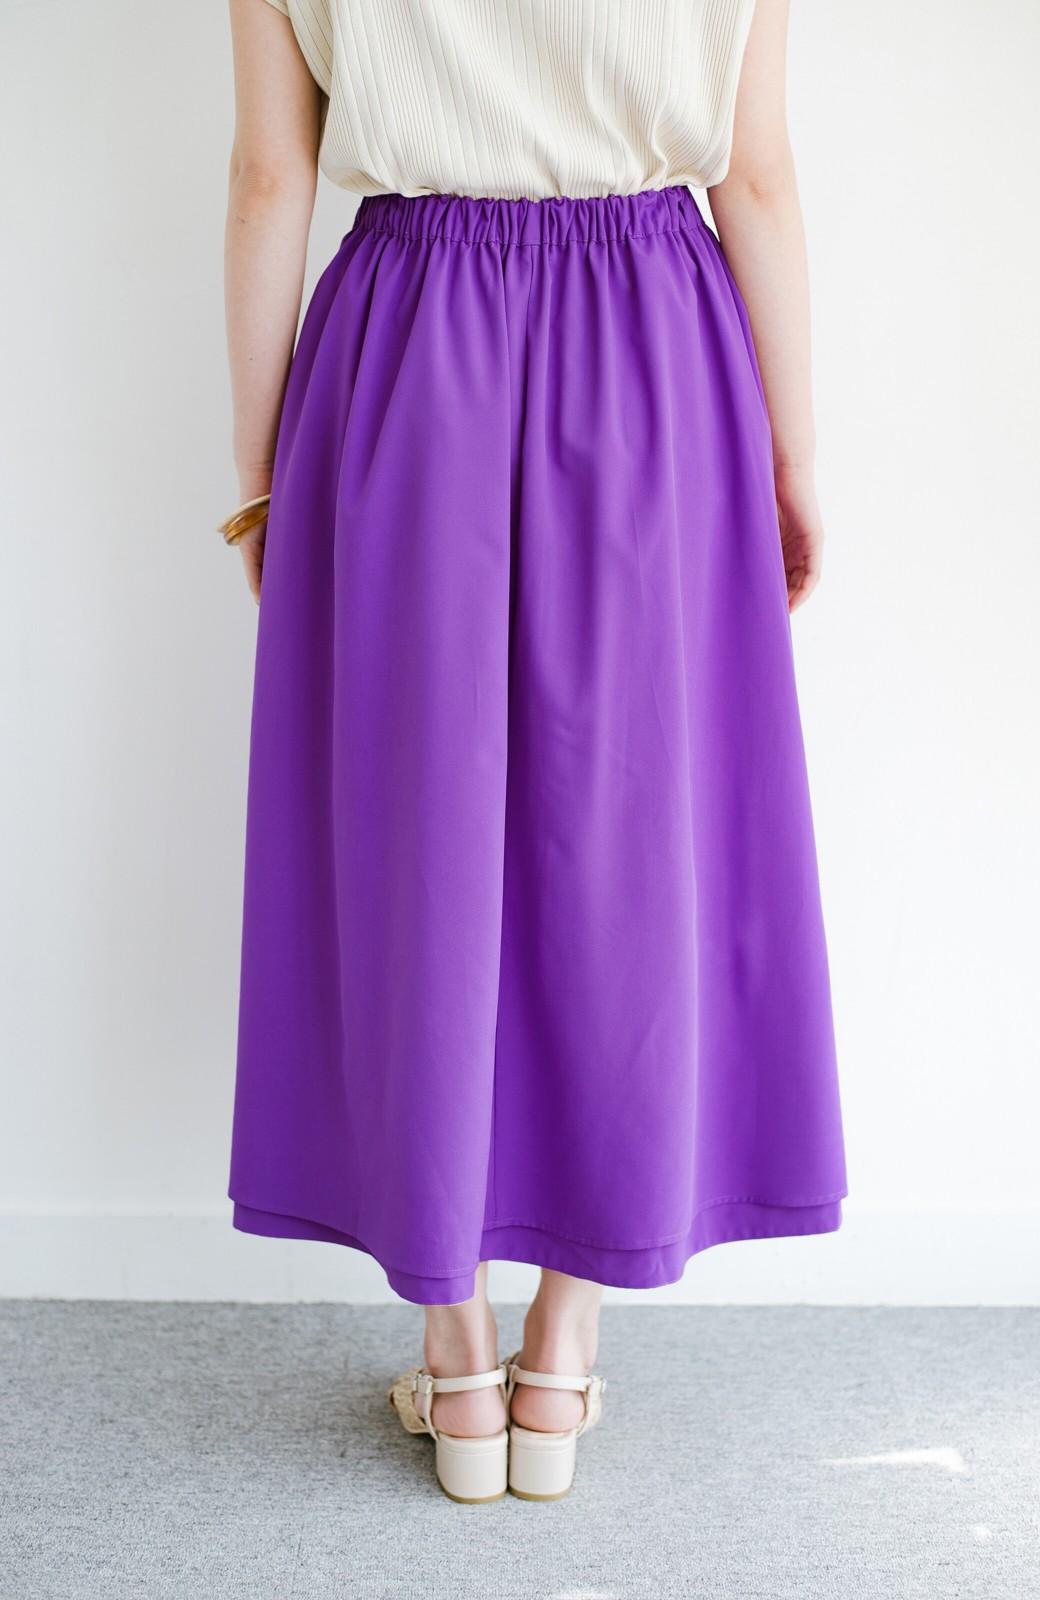 haco! オフィスにもデートにも! 便利なのはきれいに見えて楽ちんなリバーシブルスカート <ピンク系その他>の商品写真12